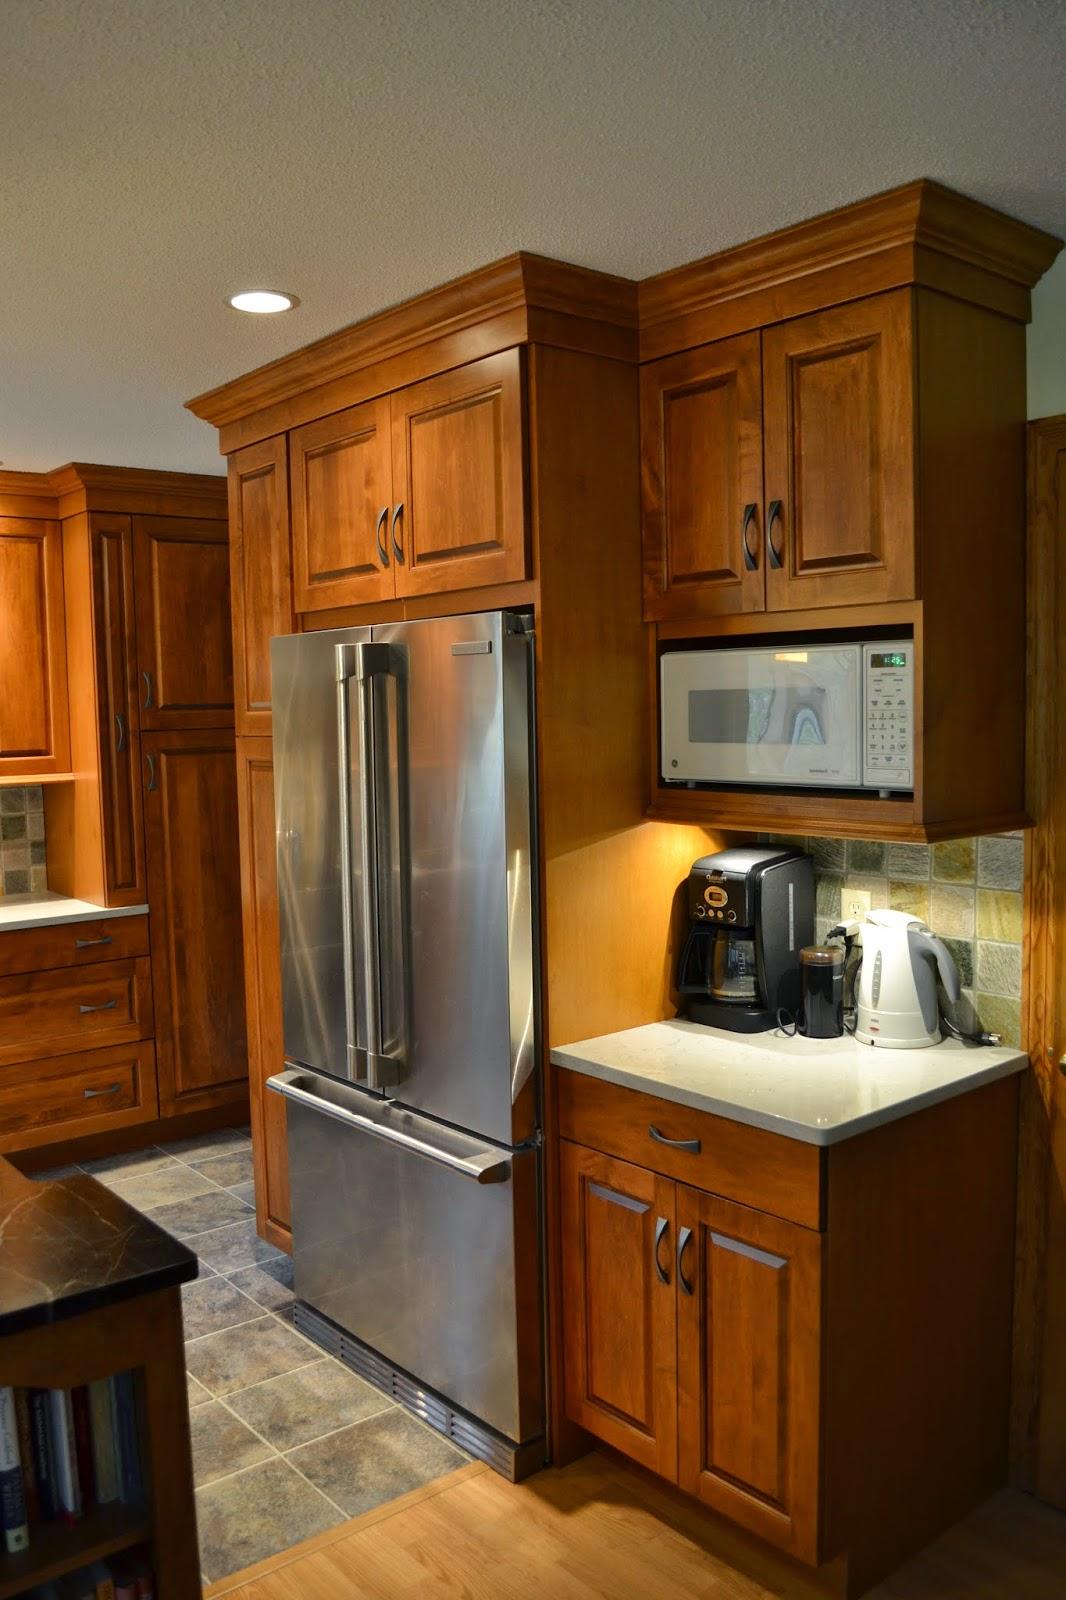 david hecht kitchens